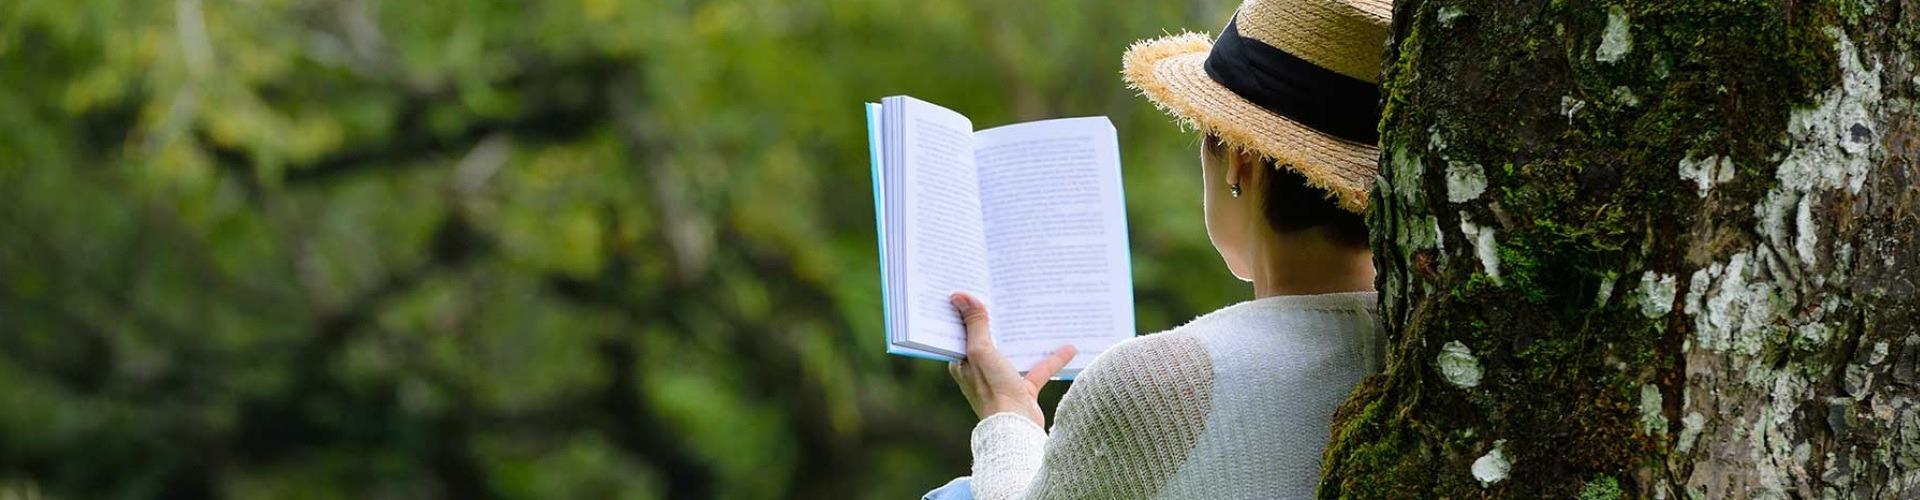 Csak az ember olvas